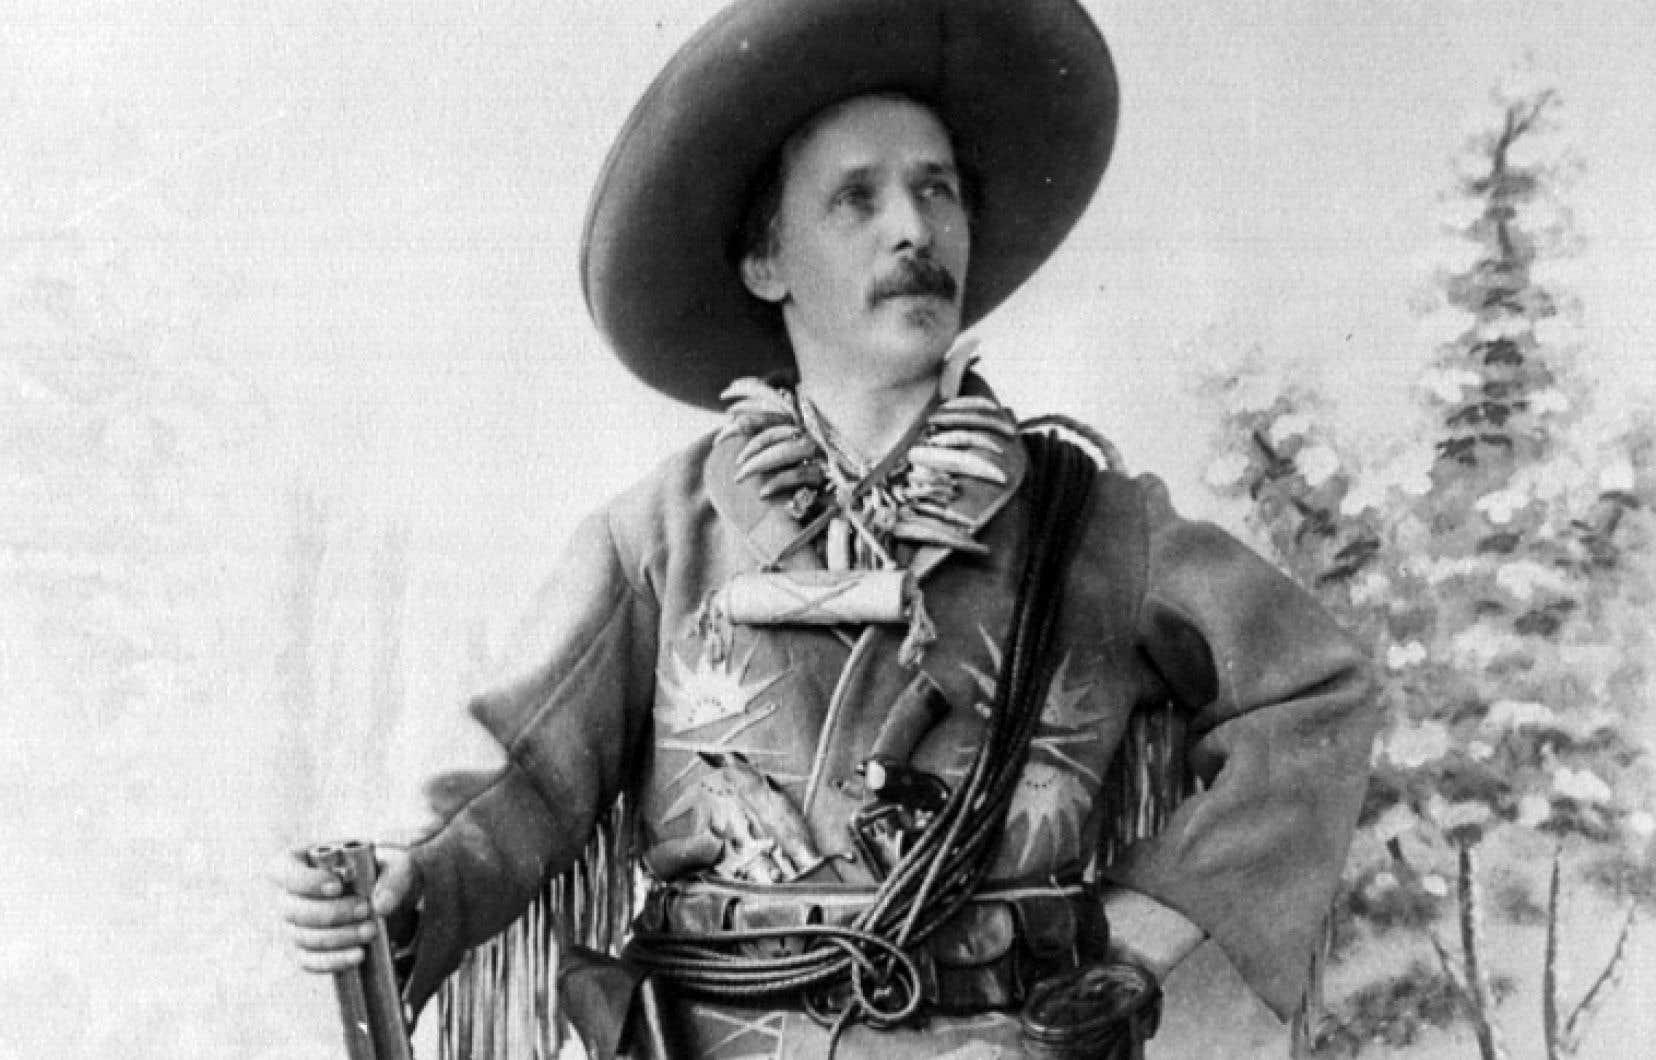 Présentant ses livres comme étant inspirés de ses propres expériences, Karl May (1842-1912) n'hésitait pas à se faire photographier en panoplie de Davy Crockett et de Buffalo Bill, appuyé sur une carabine et collier de dents de grizzly autour du cou.